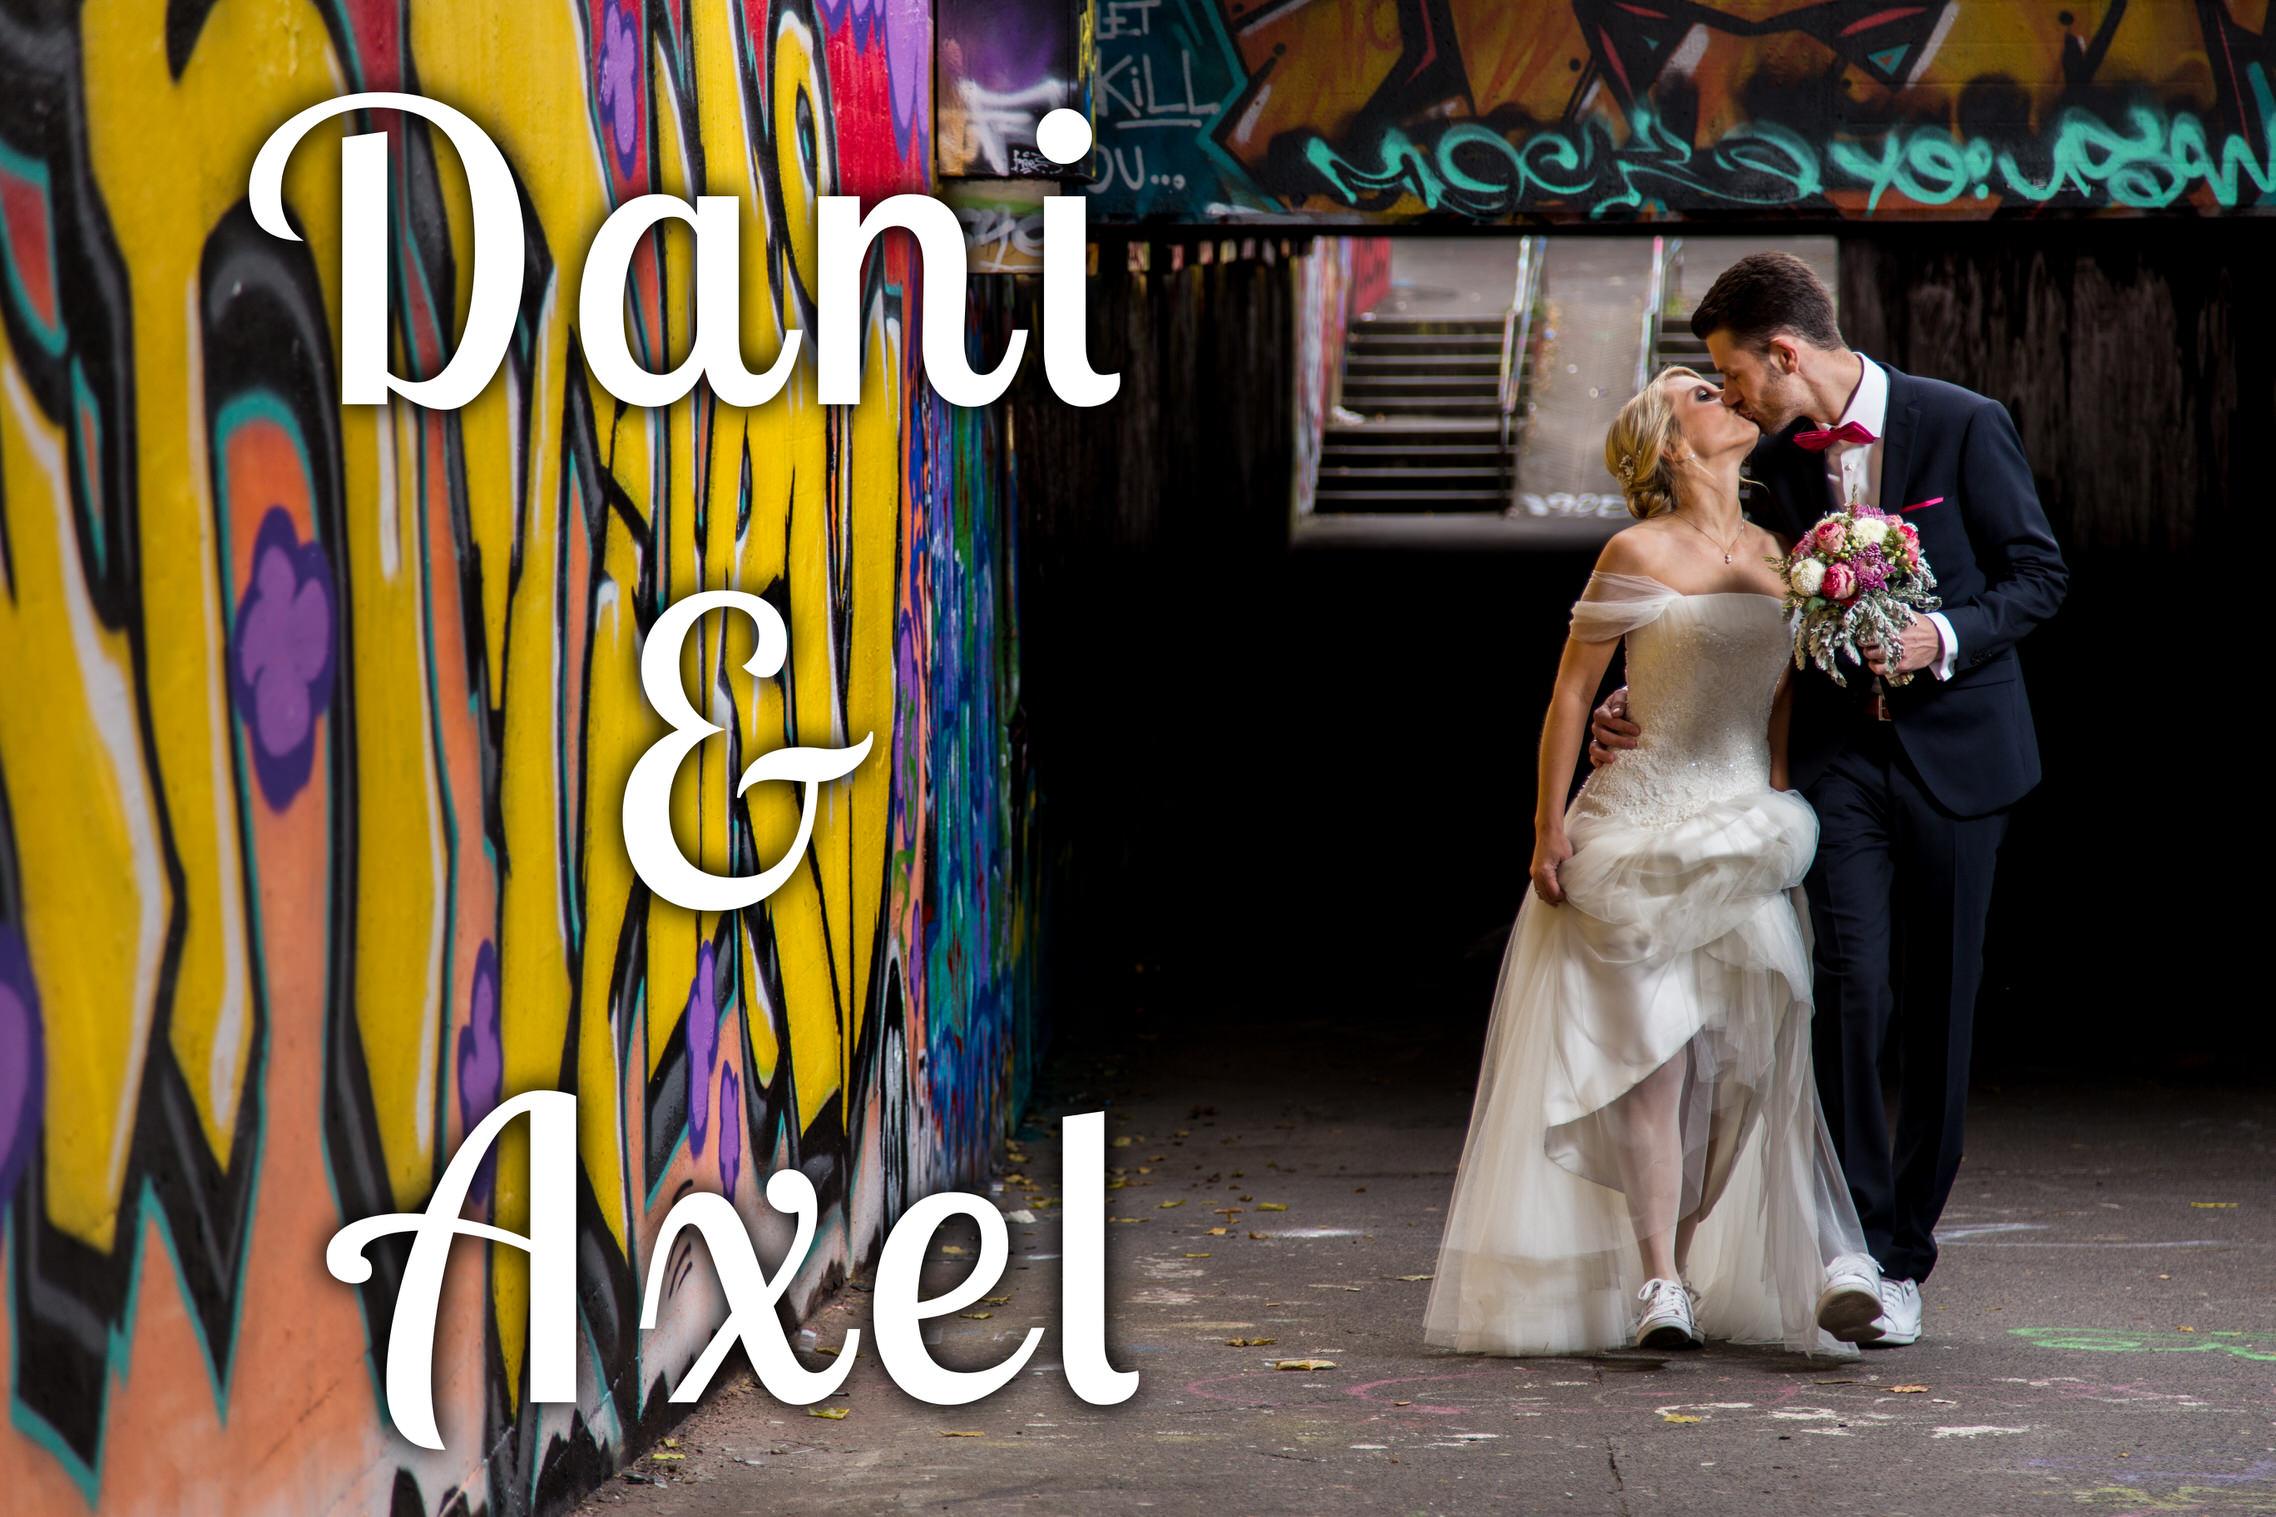 Hochzeitspaar-vor-Graffiti-Wand-abgefahrenes-Hochzeitsbild